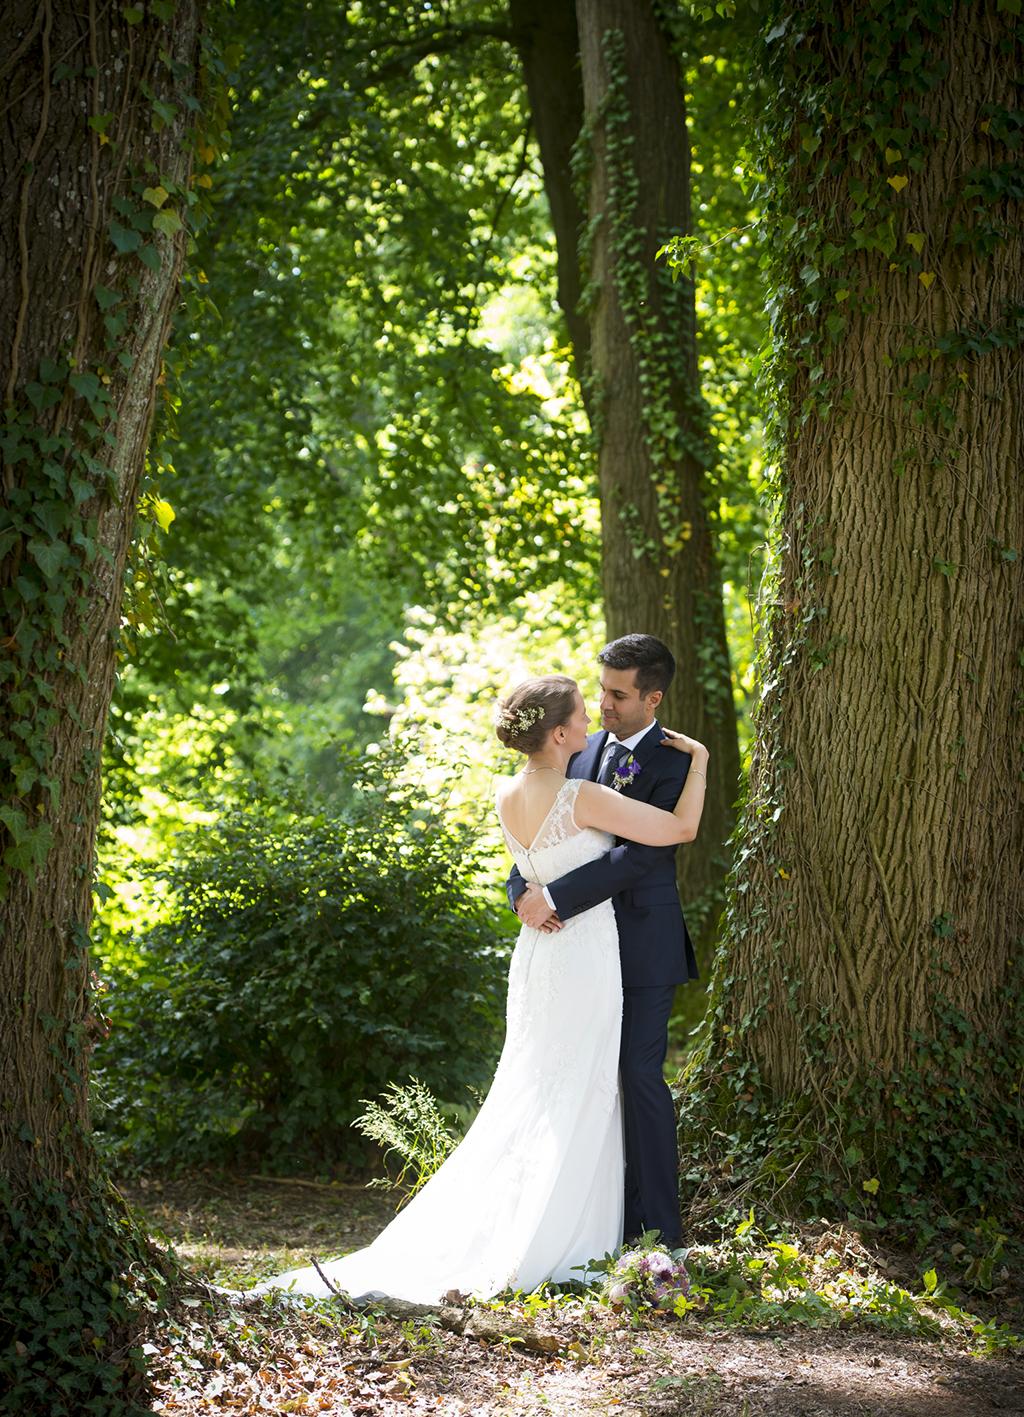 Hochzeit_54.jpg